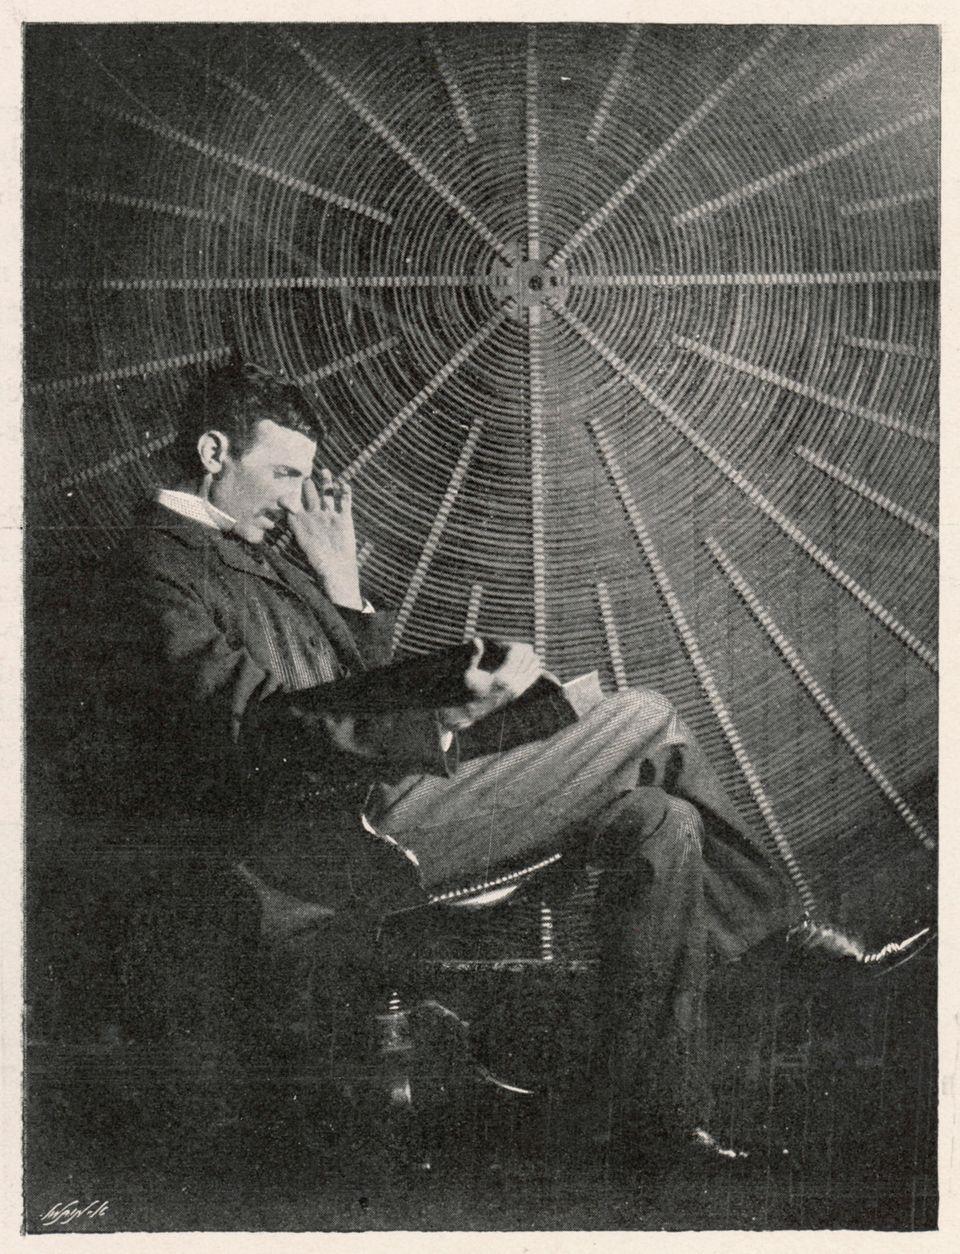 Nikola Tesla sitzt lesend in seinem Labor